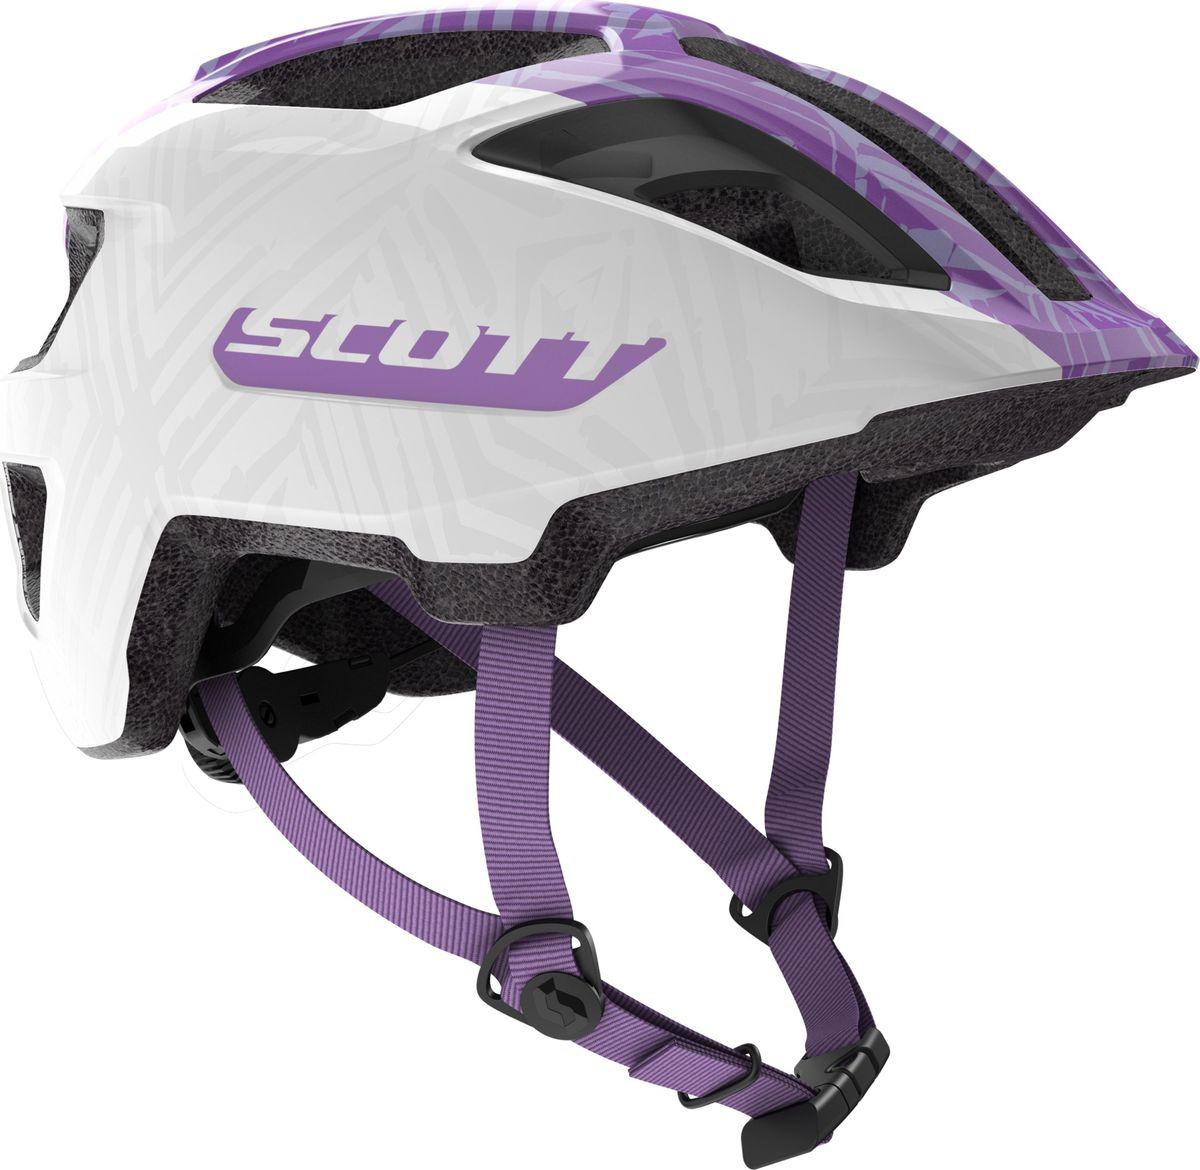 все цены на Шлем защитный Scott Spunto Junior, 270112-2320, фиолетовый онлайн